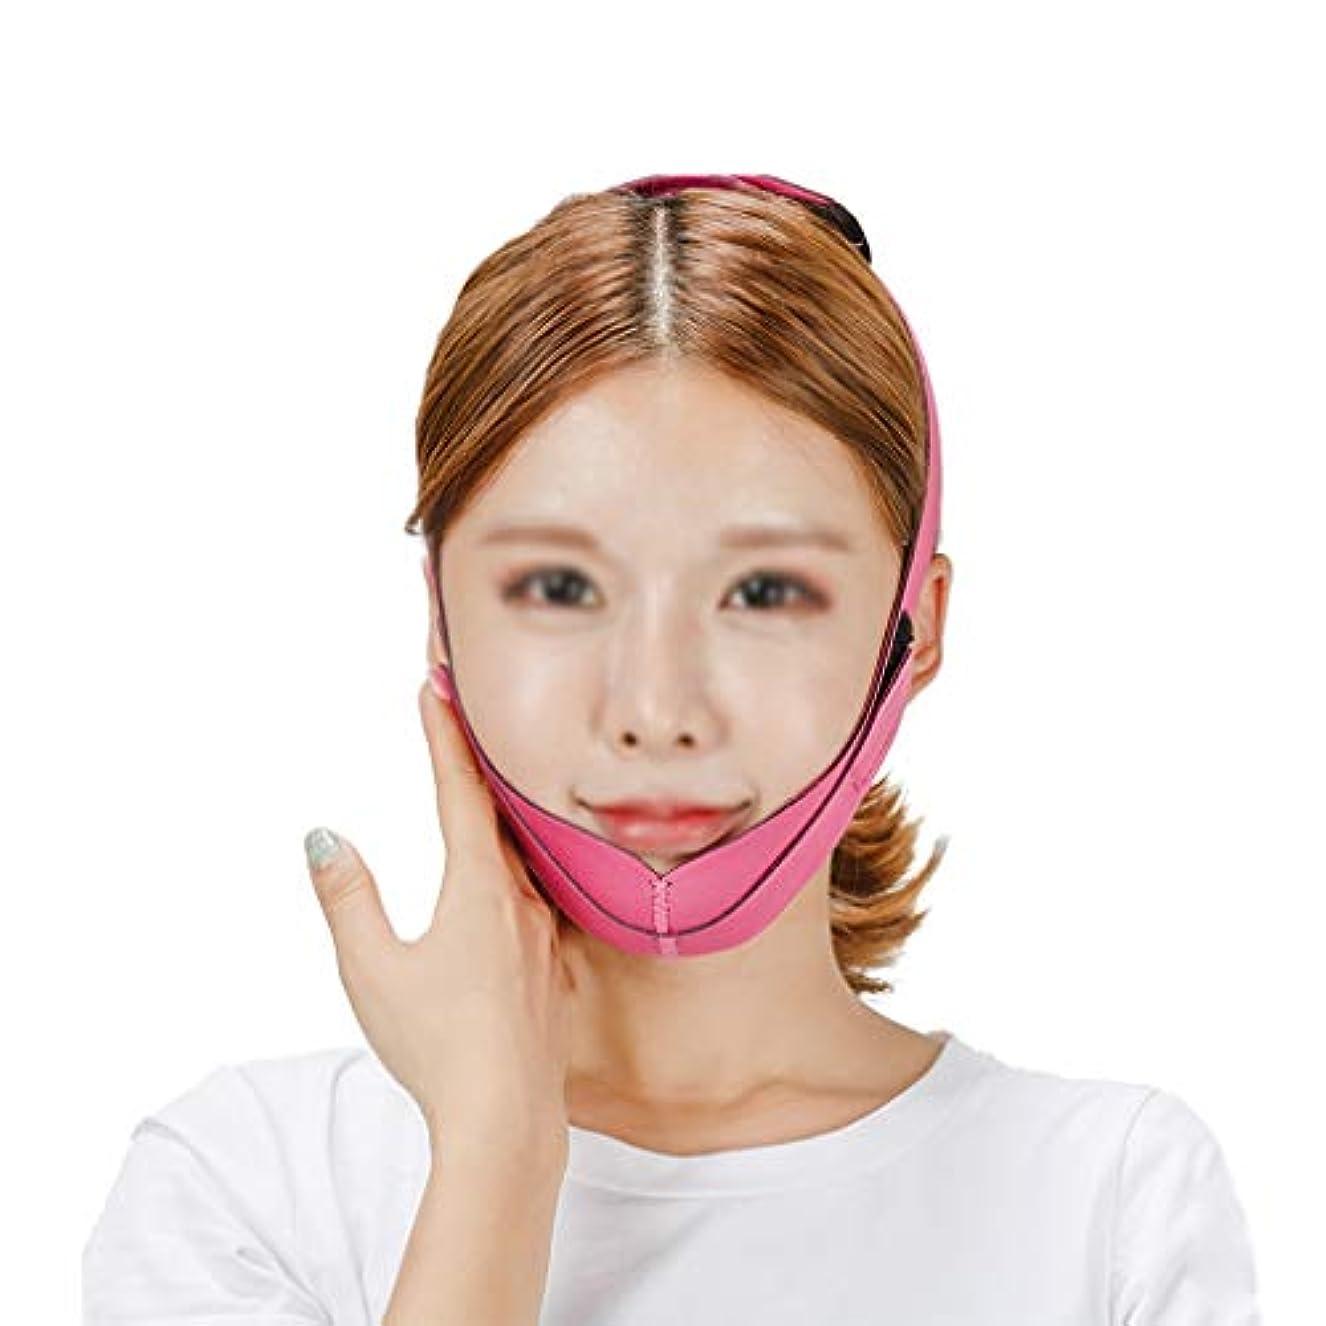 シネマ舌信じるXHLMRMJ 超薄Vフェイスライン、フェイスリフティングマスク、Vフェイスリフティングとリフティングファーミングパターン、シェイピングフェイス、改善ダブルチン、ピンク、女性に適しています